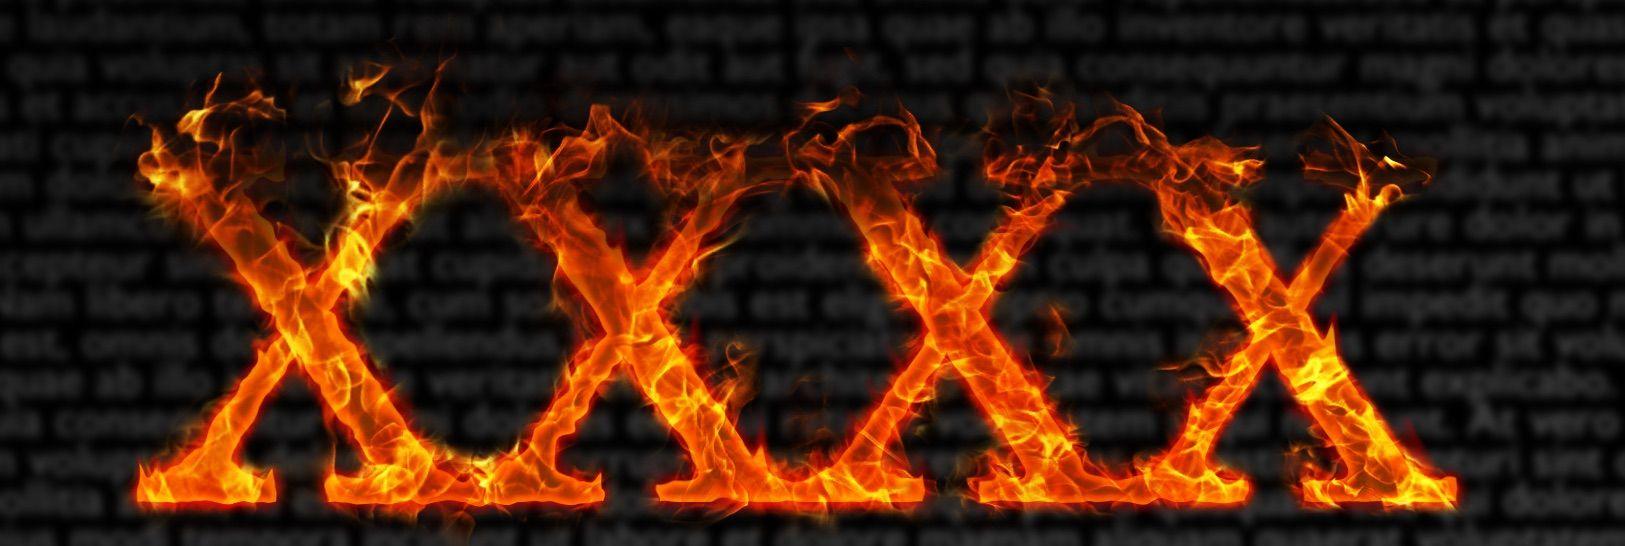 Zaubermittel XXXX für die Bearbeitung der Bachelorarbeit oder Masterarbeit